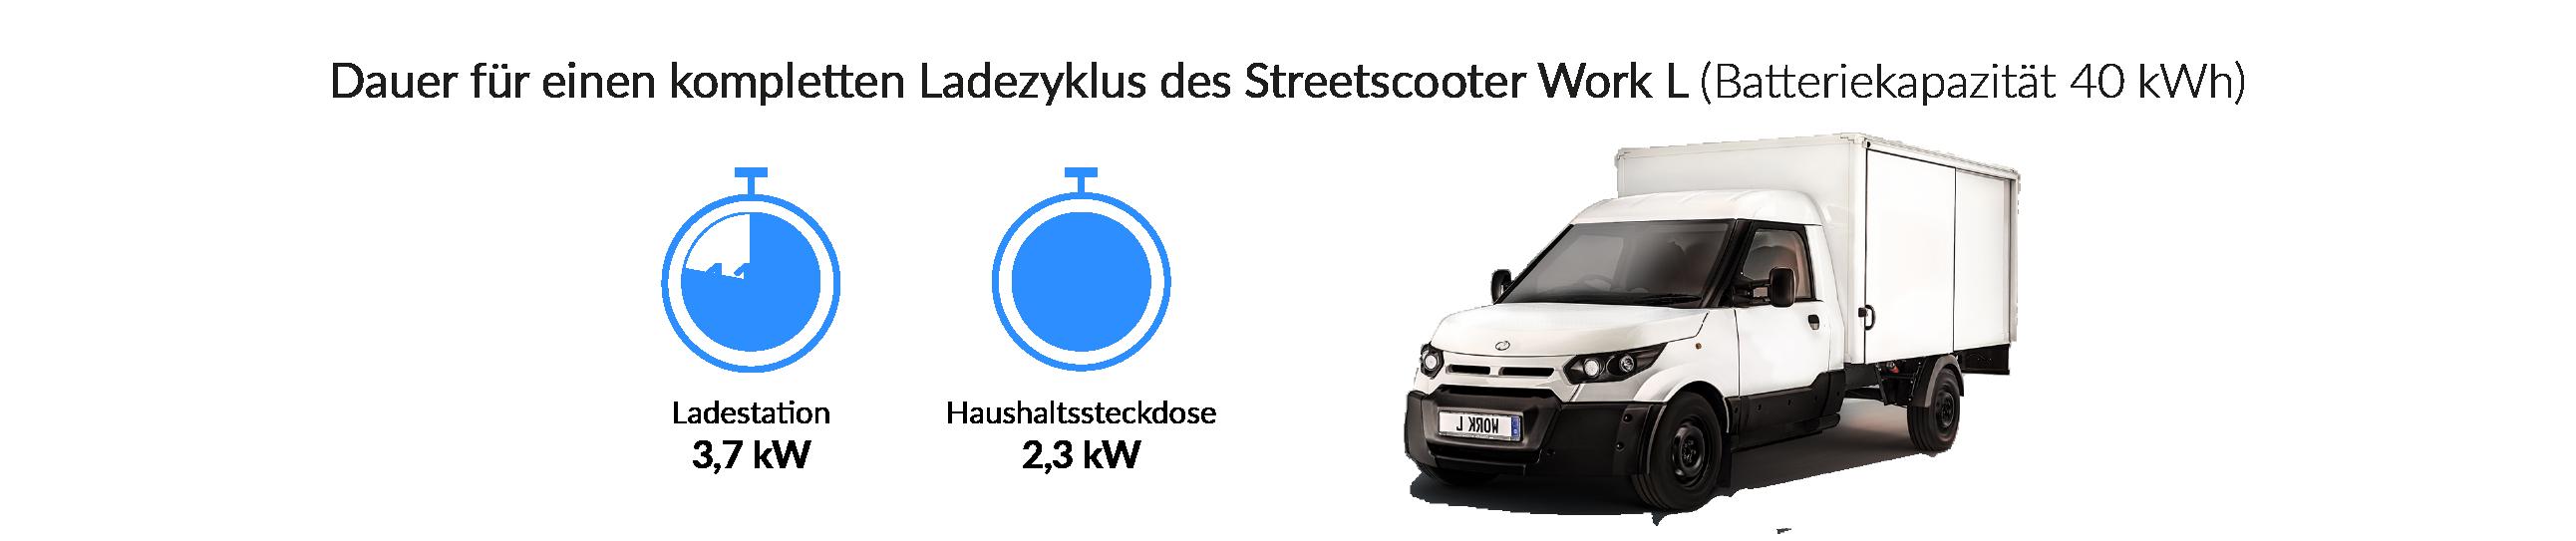 Ladezeiten des StreetScooter Work L